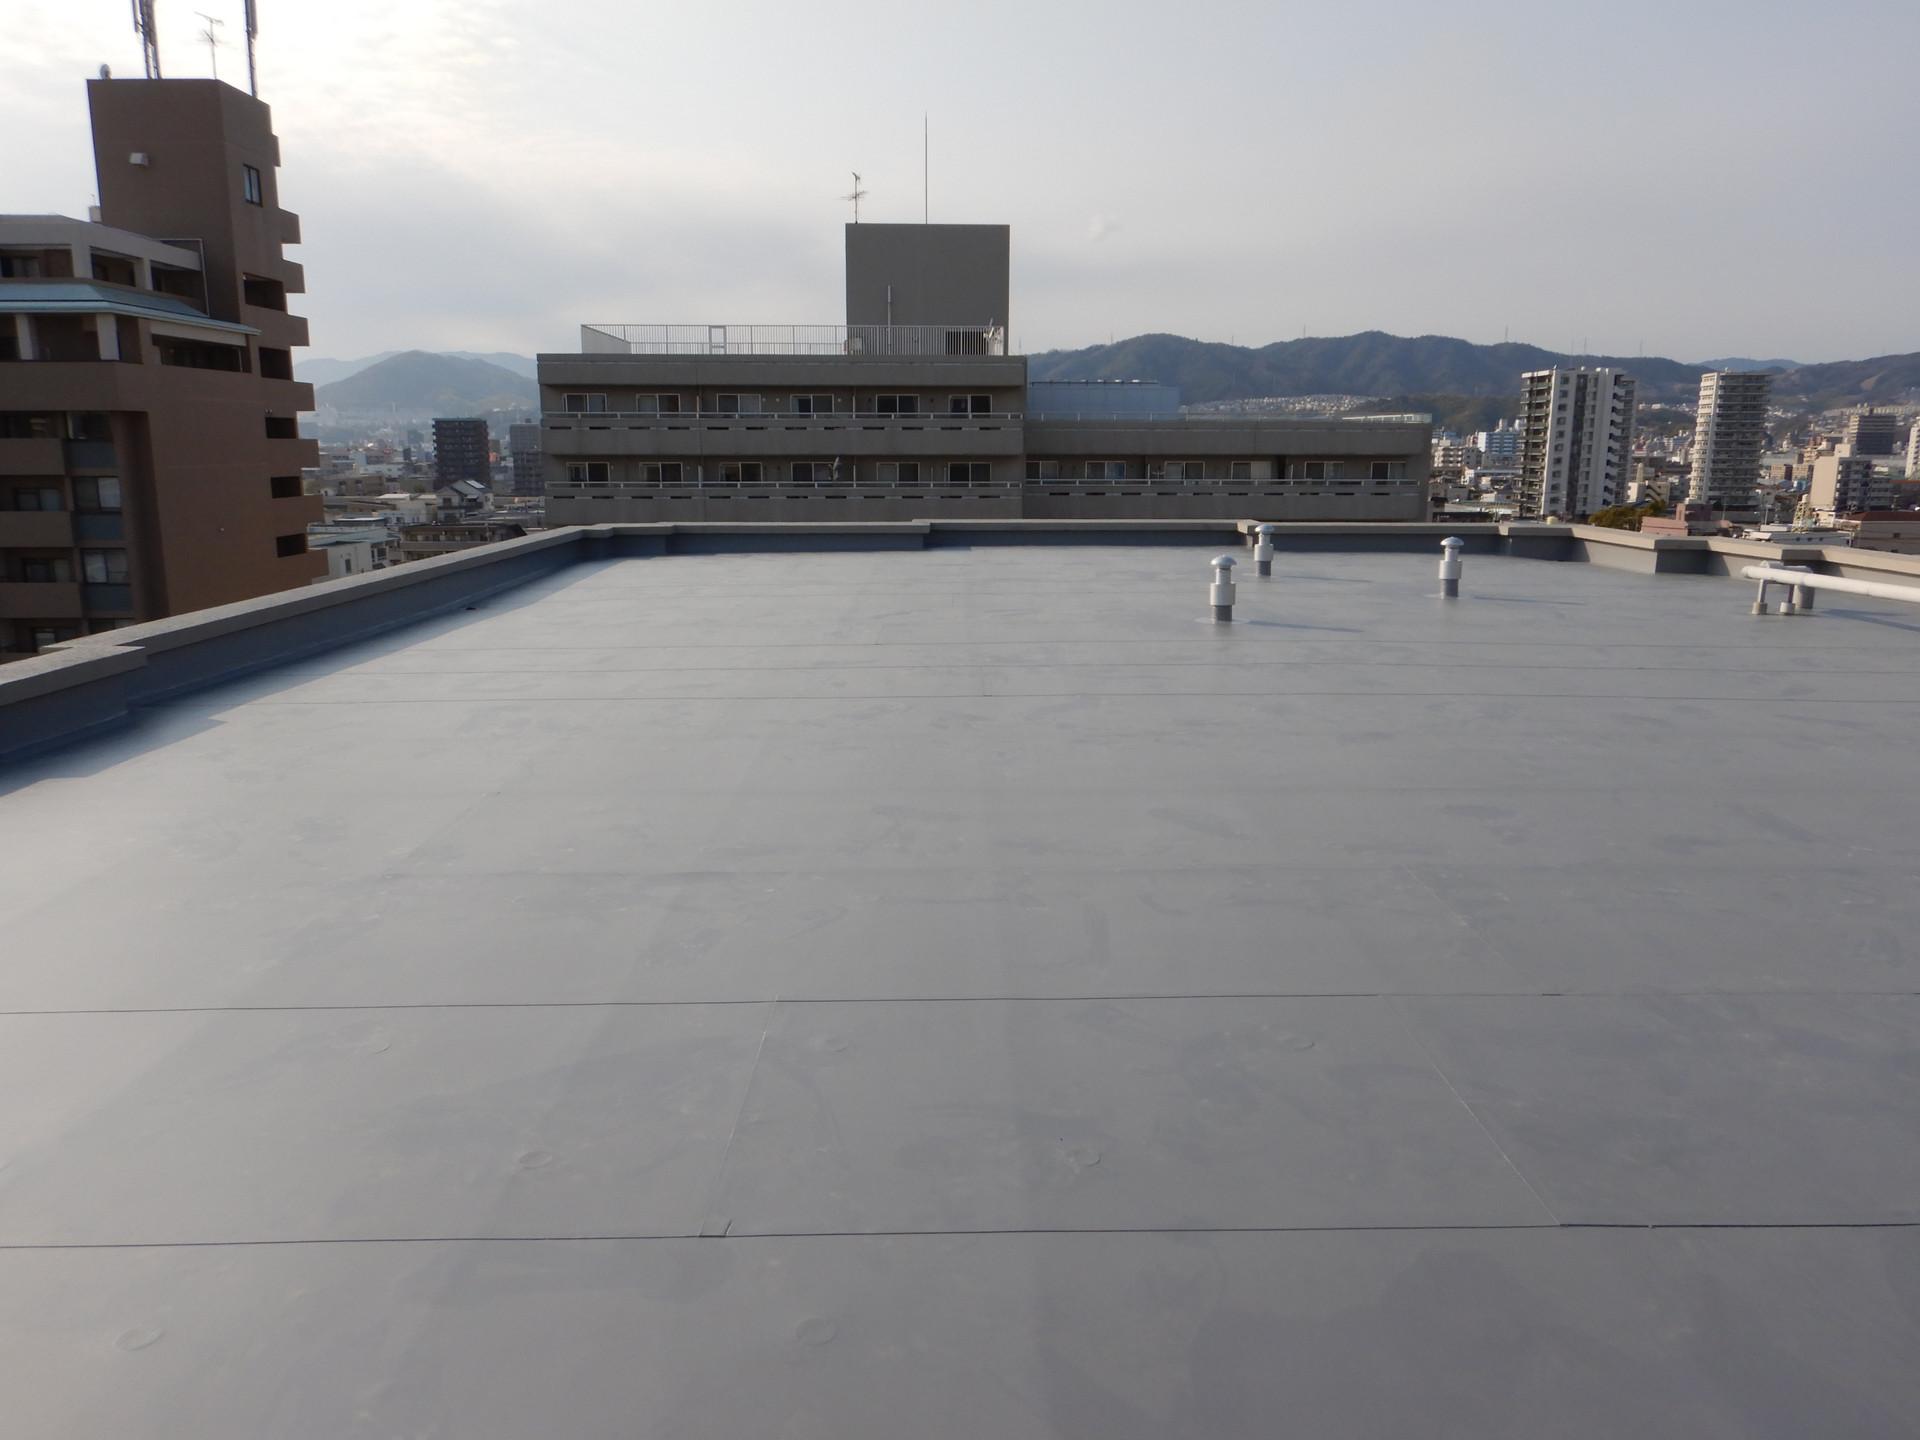 F分譲マンション屋上防水改修工事